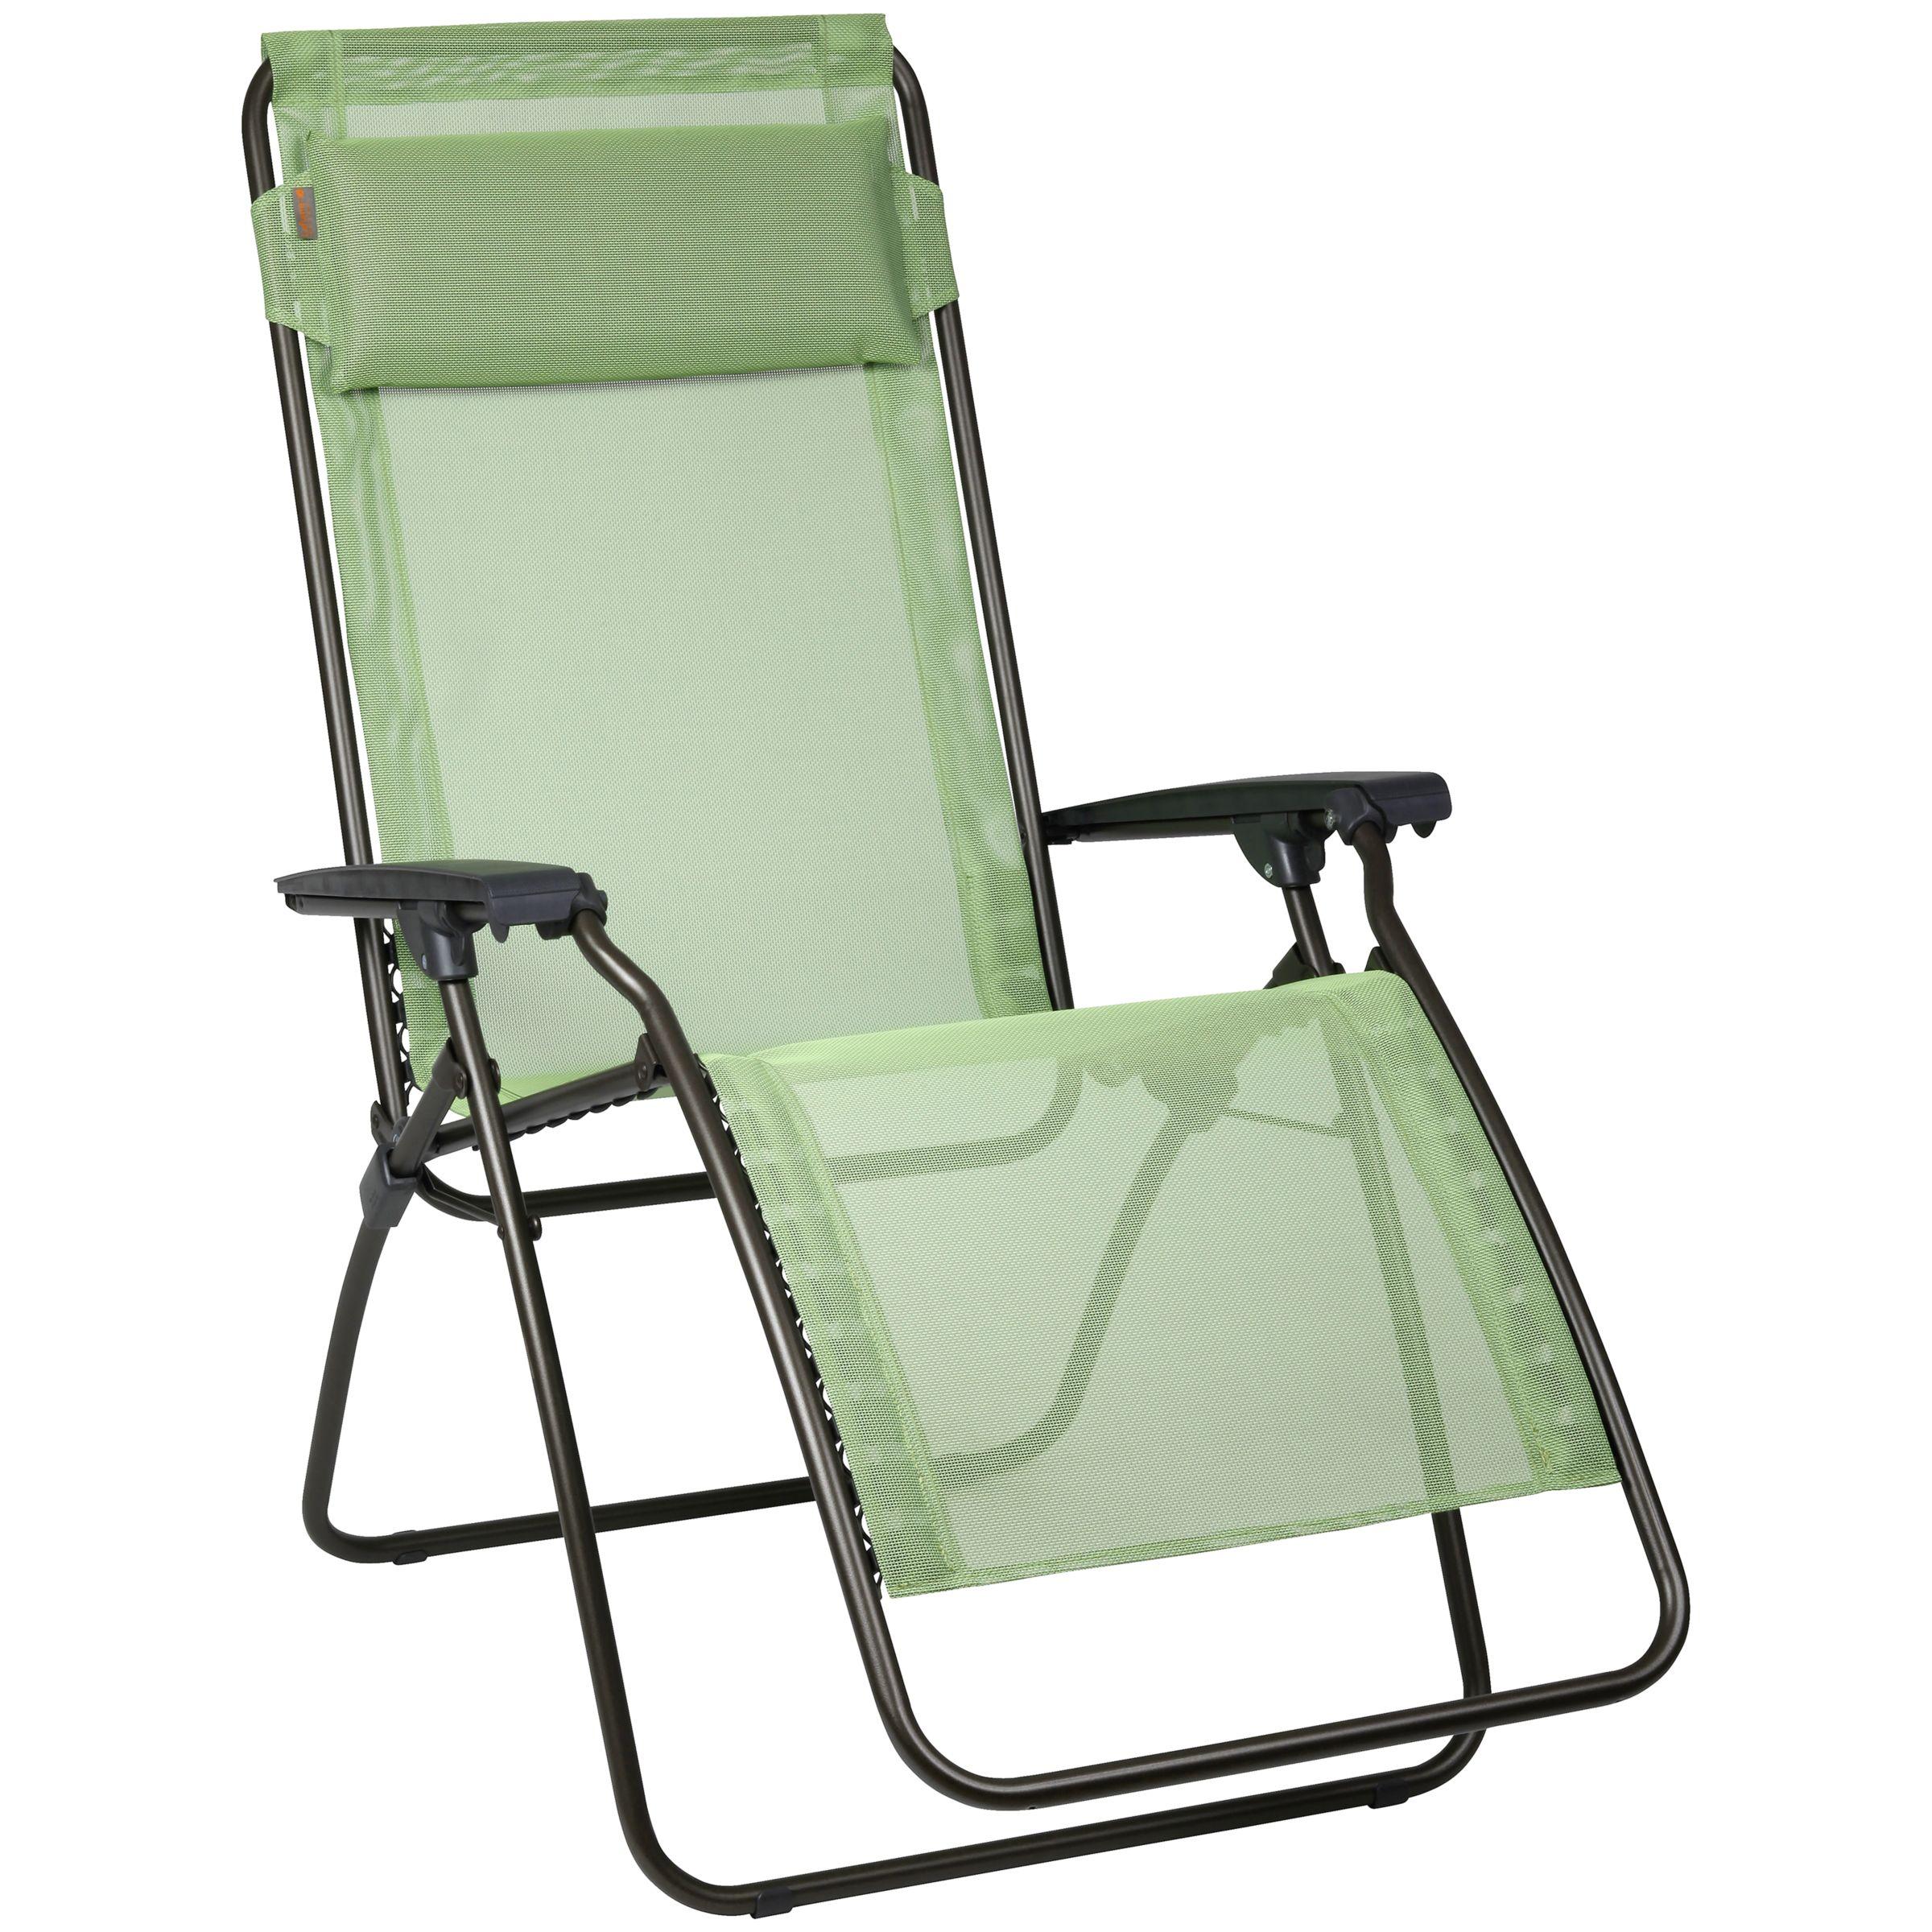 La Fuma R Clip Outdoor Relaxer Chair